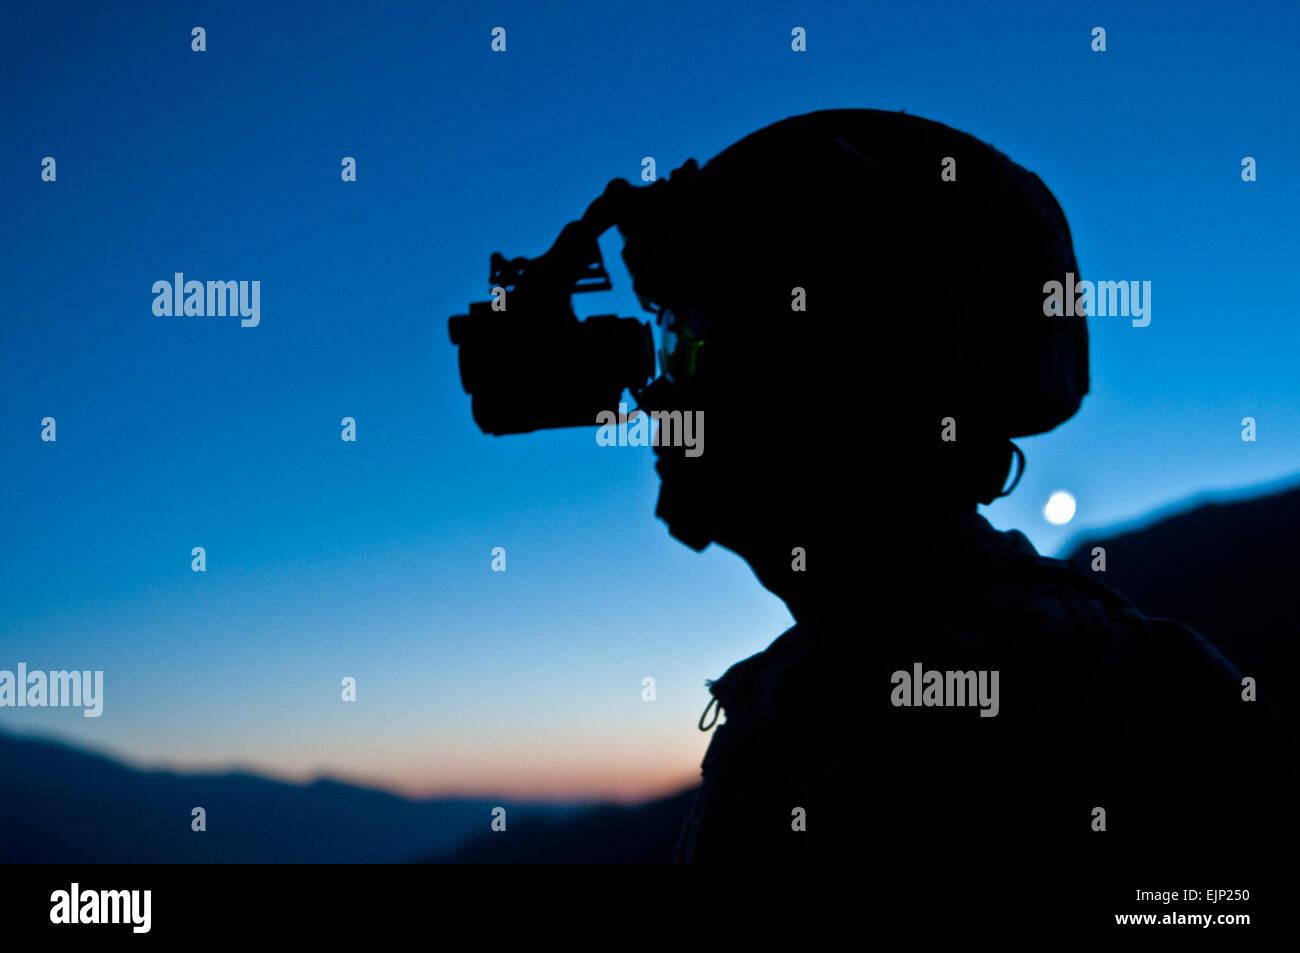 """""""Es bonito ver que esas mismas viejas montañas,"""" dijo el sargento del Ejército de Estados Unidos. James T. Schmidt, un líder de escuadrón de infantería de Decatur, Illinois, asignado a la compañía C, 2º Batallón del 327º Regimiento de Infantería, Fuerza de Tarea sin demora, mientras miraba a través de sus gafas de visión nocturna con la puesta de sol desde lo alto de una colina en el valle Shal en Afganistán oriental provincia de Nuristan, el 8 de noviembre. Este es el segundo combate Schmidt gira a la misma región de Afganistán. El Sargento del Ejército de Estados Unidos. Mark Burrell, 210ª móviles del destacamento de asuntos públicos. Foto de stock"""